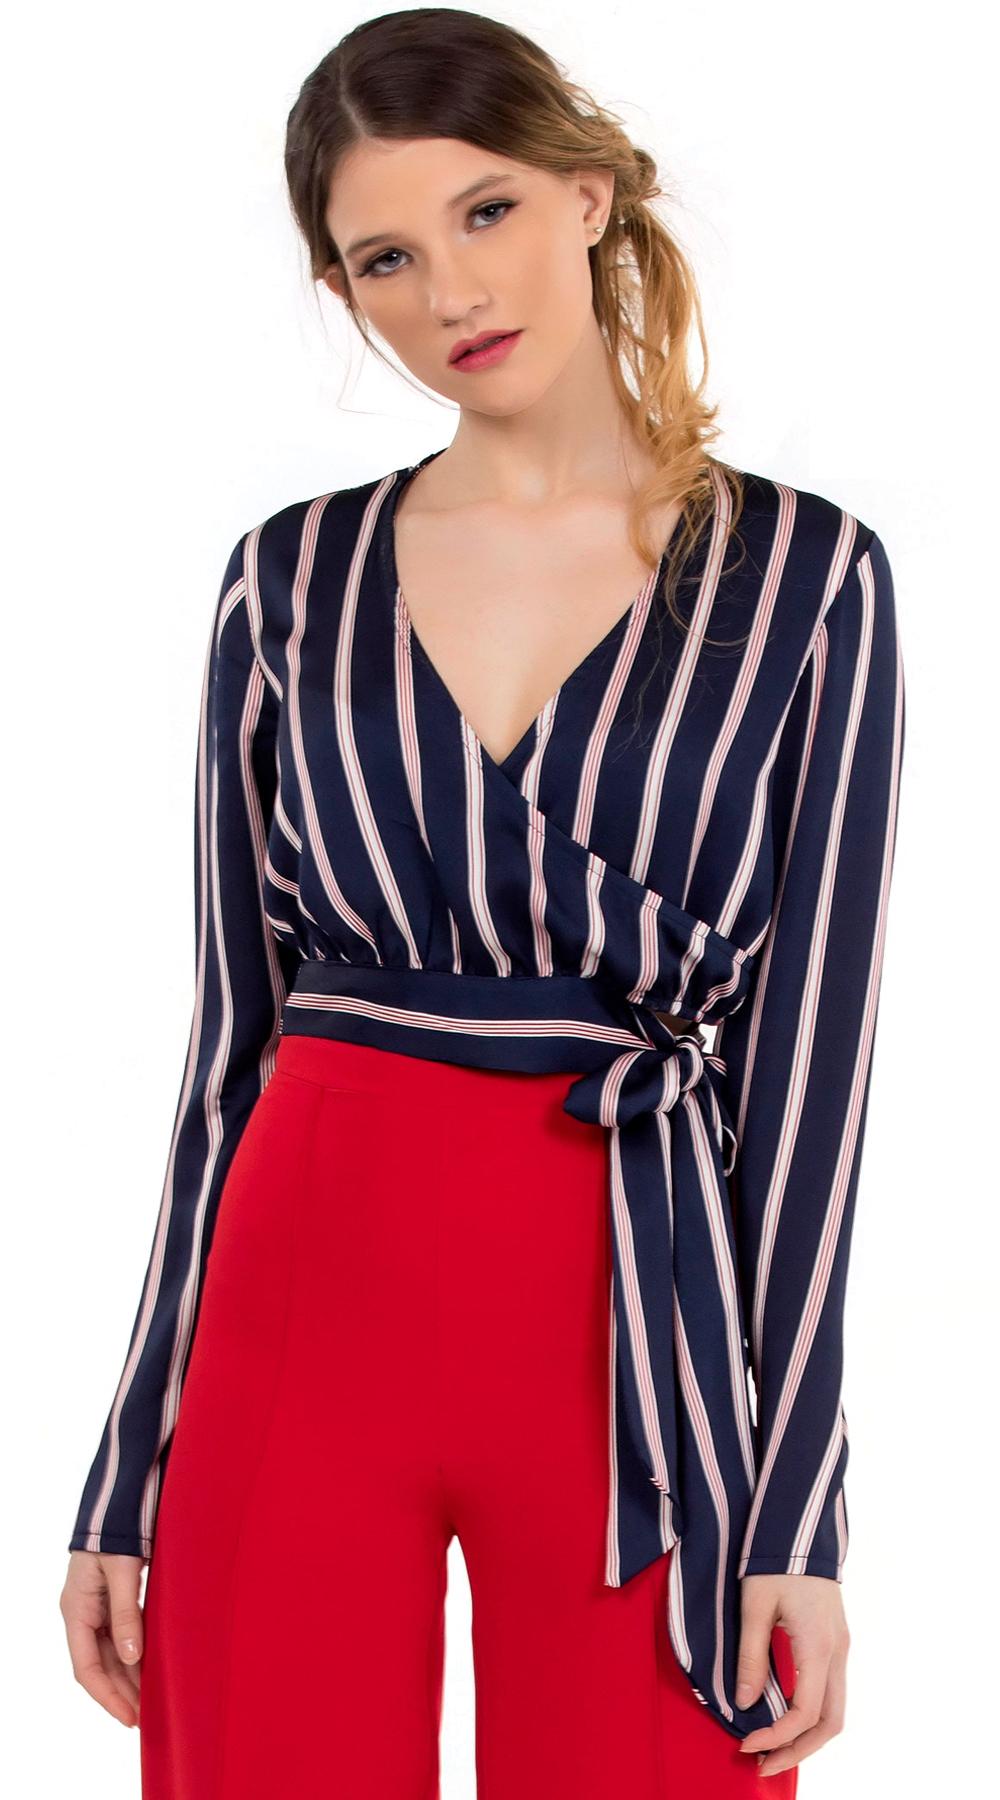 Γυναικείο κρουαζέ σατινέ τοπ με ρίγες Online - ONLINE - SP18ON-16059 μπλούζες   t shirts elegant tops